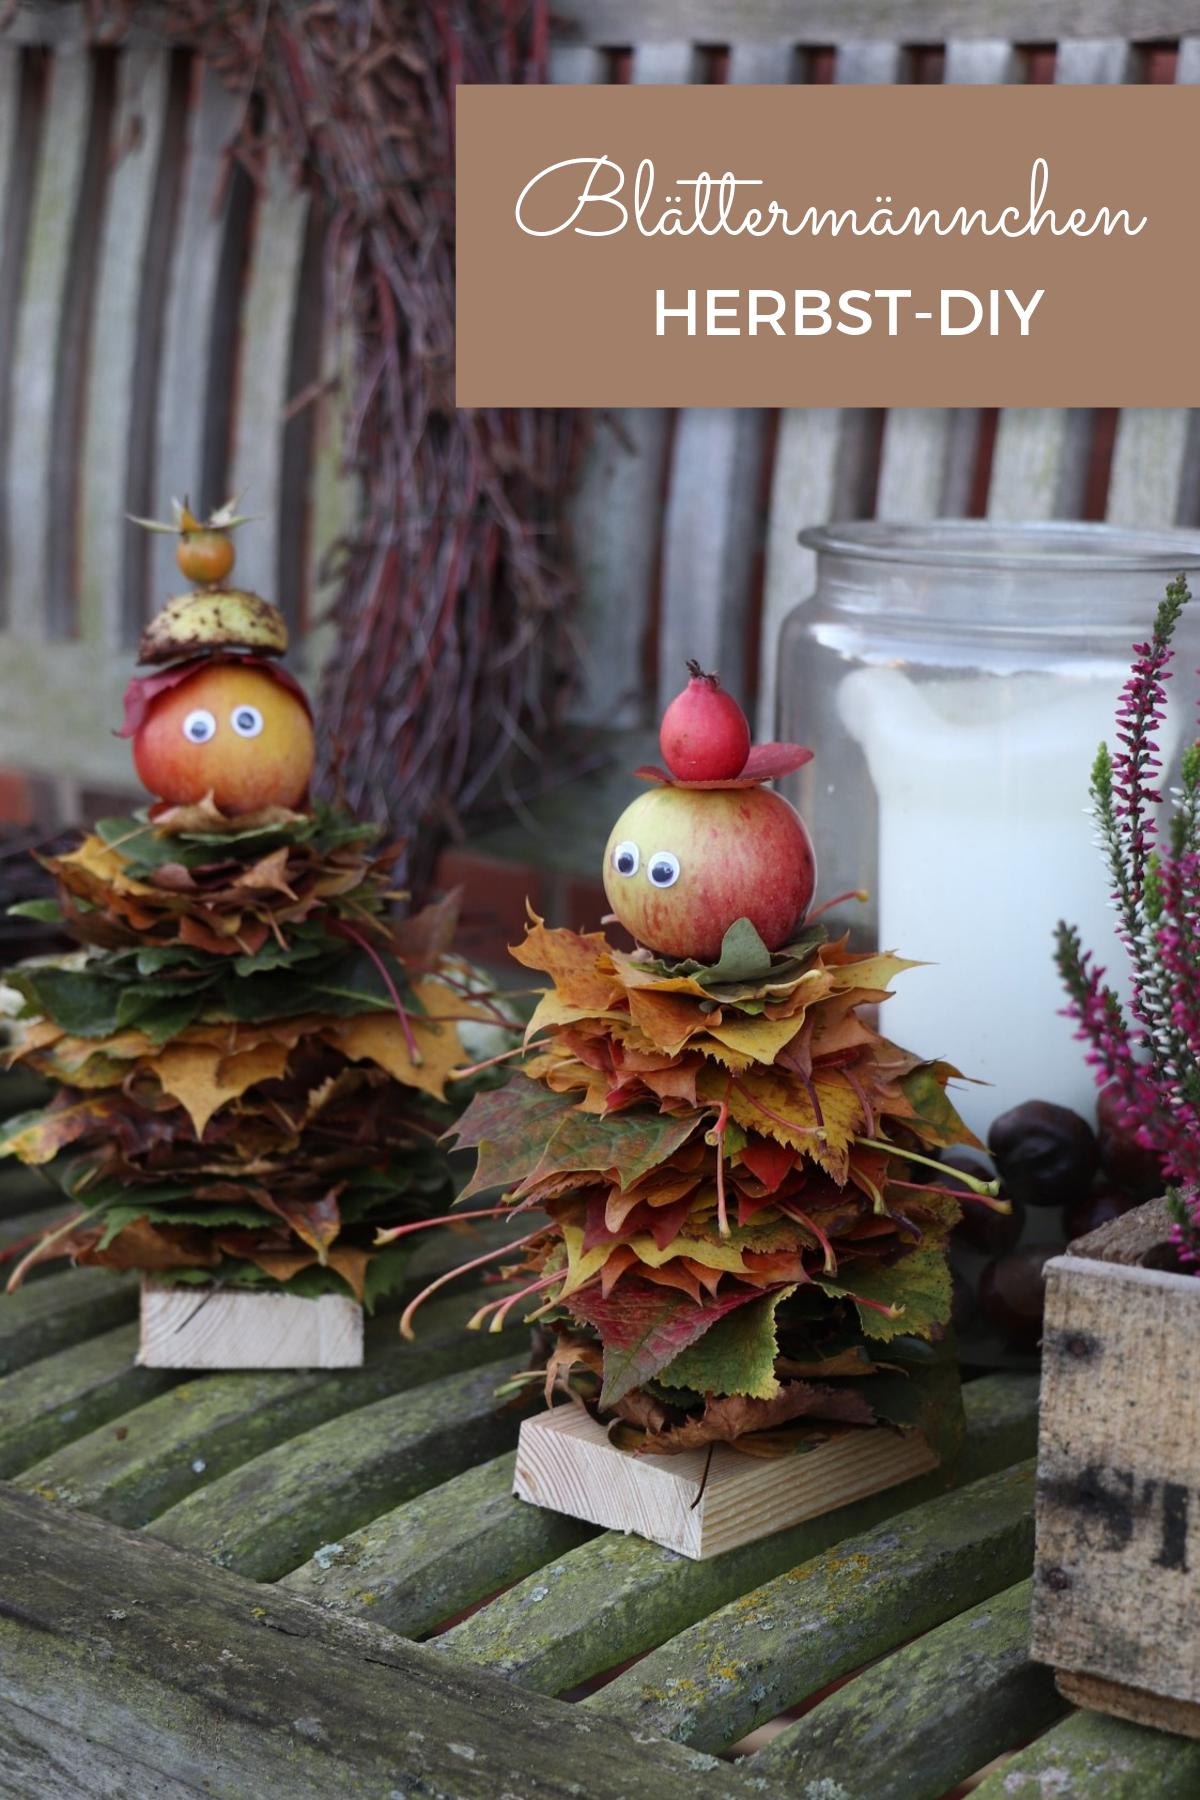 Herbst-DIY: Blättermännchen basteln kann man aus Naturmaterialien. Die Apfel Männchen können individuell gestaltet werden und sind eine schöne Herbst Gartendeko. Das Blätter DIY kann man gut mit Kindern im Herbst basteln.